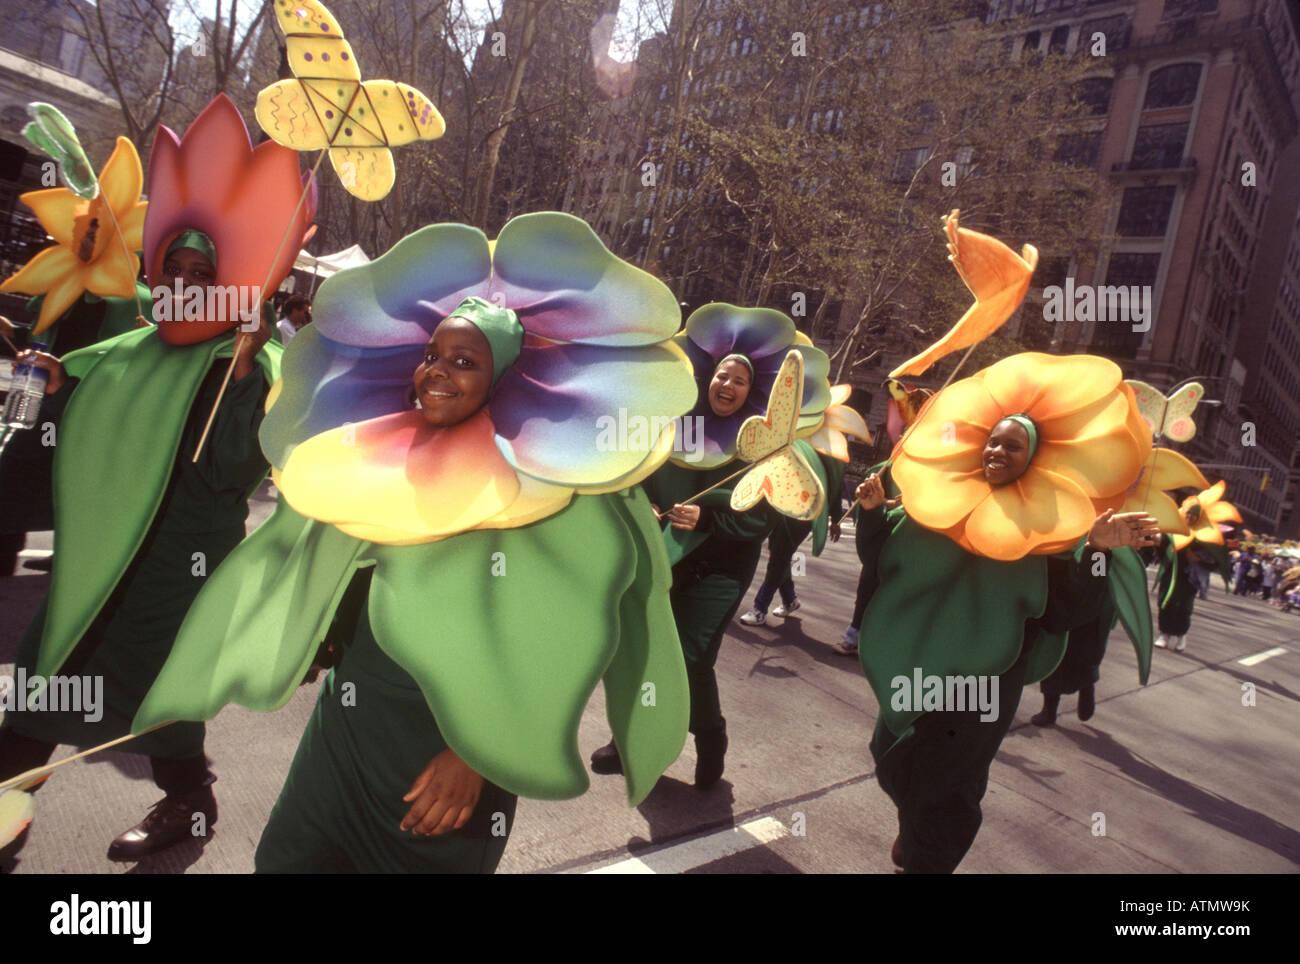 La Giornata della Terra New York City.Sfilata dei pianeti. Ambientalisti vestito come fiori colorati marzo fino Immagini Stock